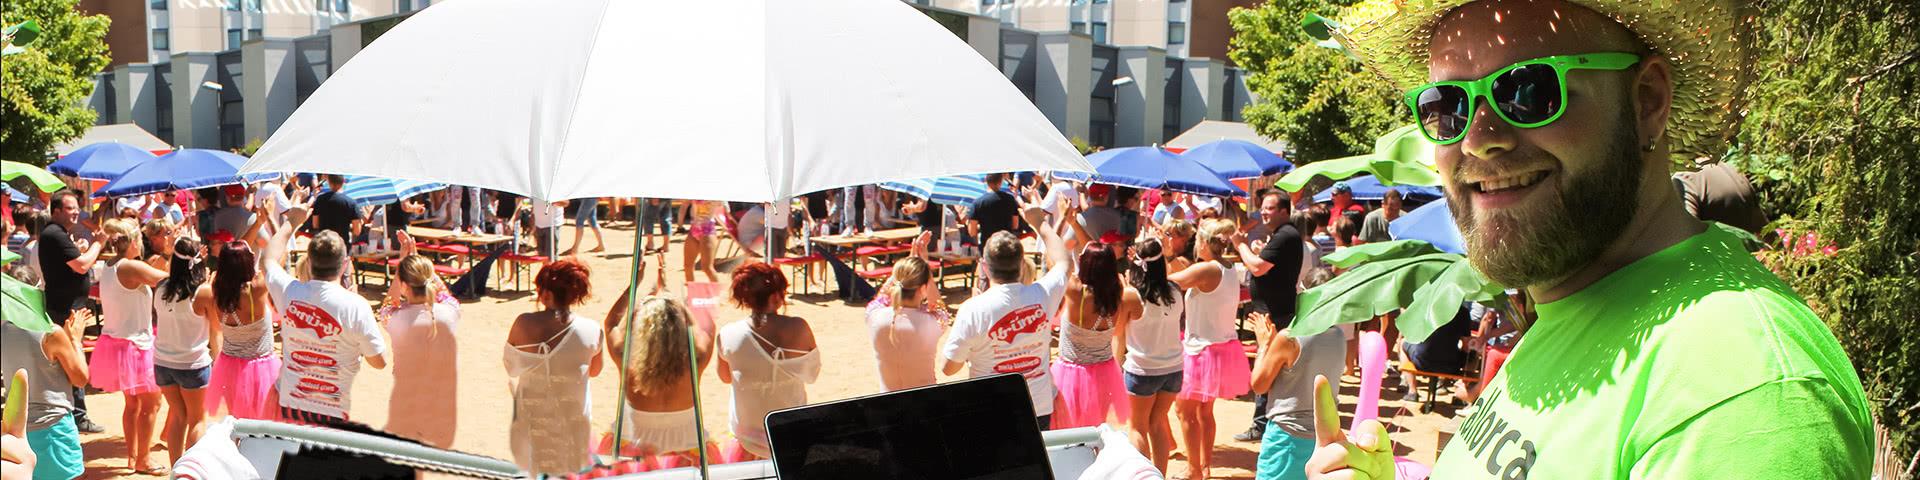 DJ auf einer Beachparty in Hallorca